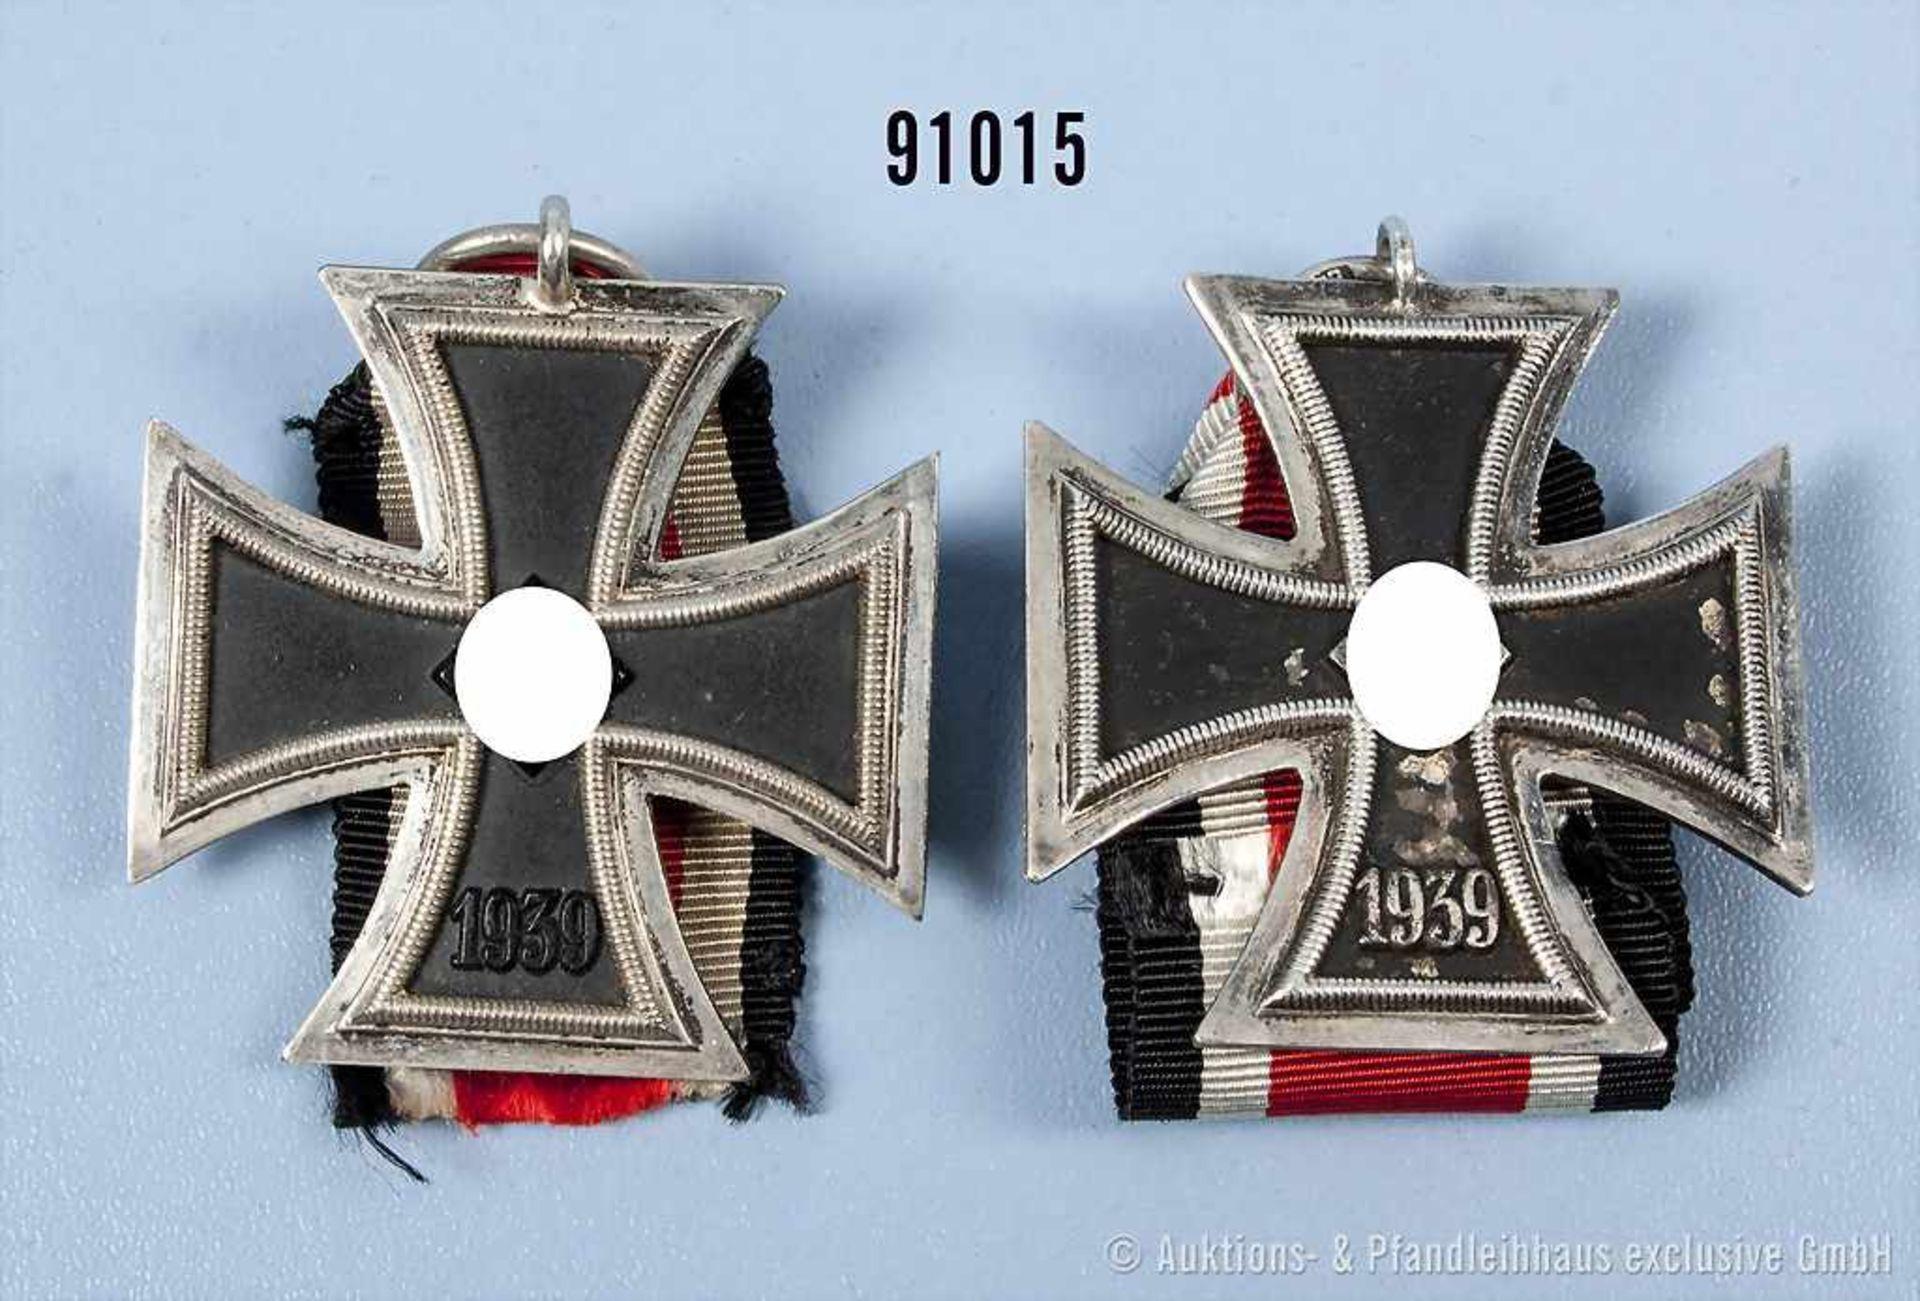 Konv. 2 EK 2 1939, guter Zustand, teilweise mit Altersspuren- - -19.00 % buyer's premium on the